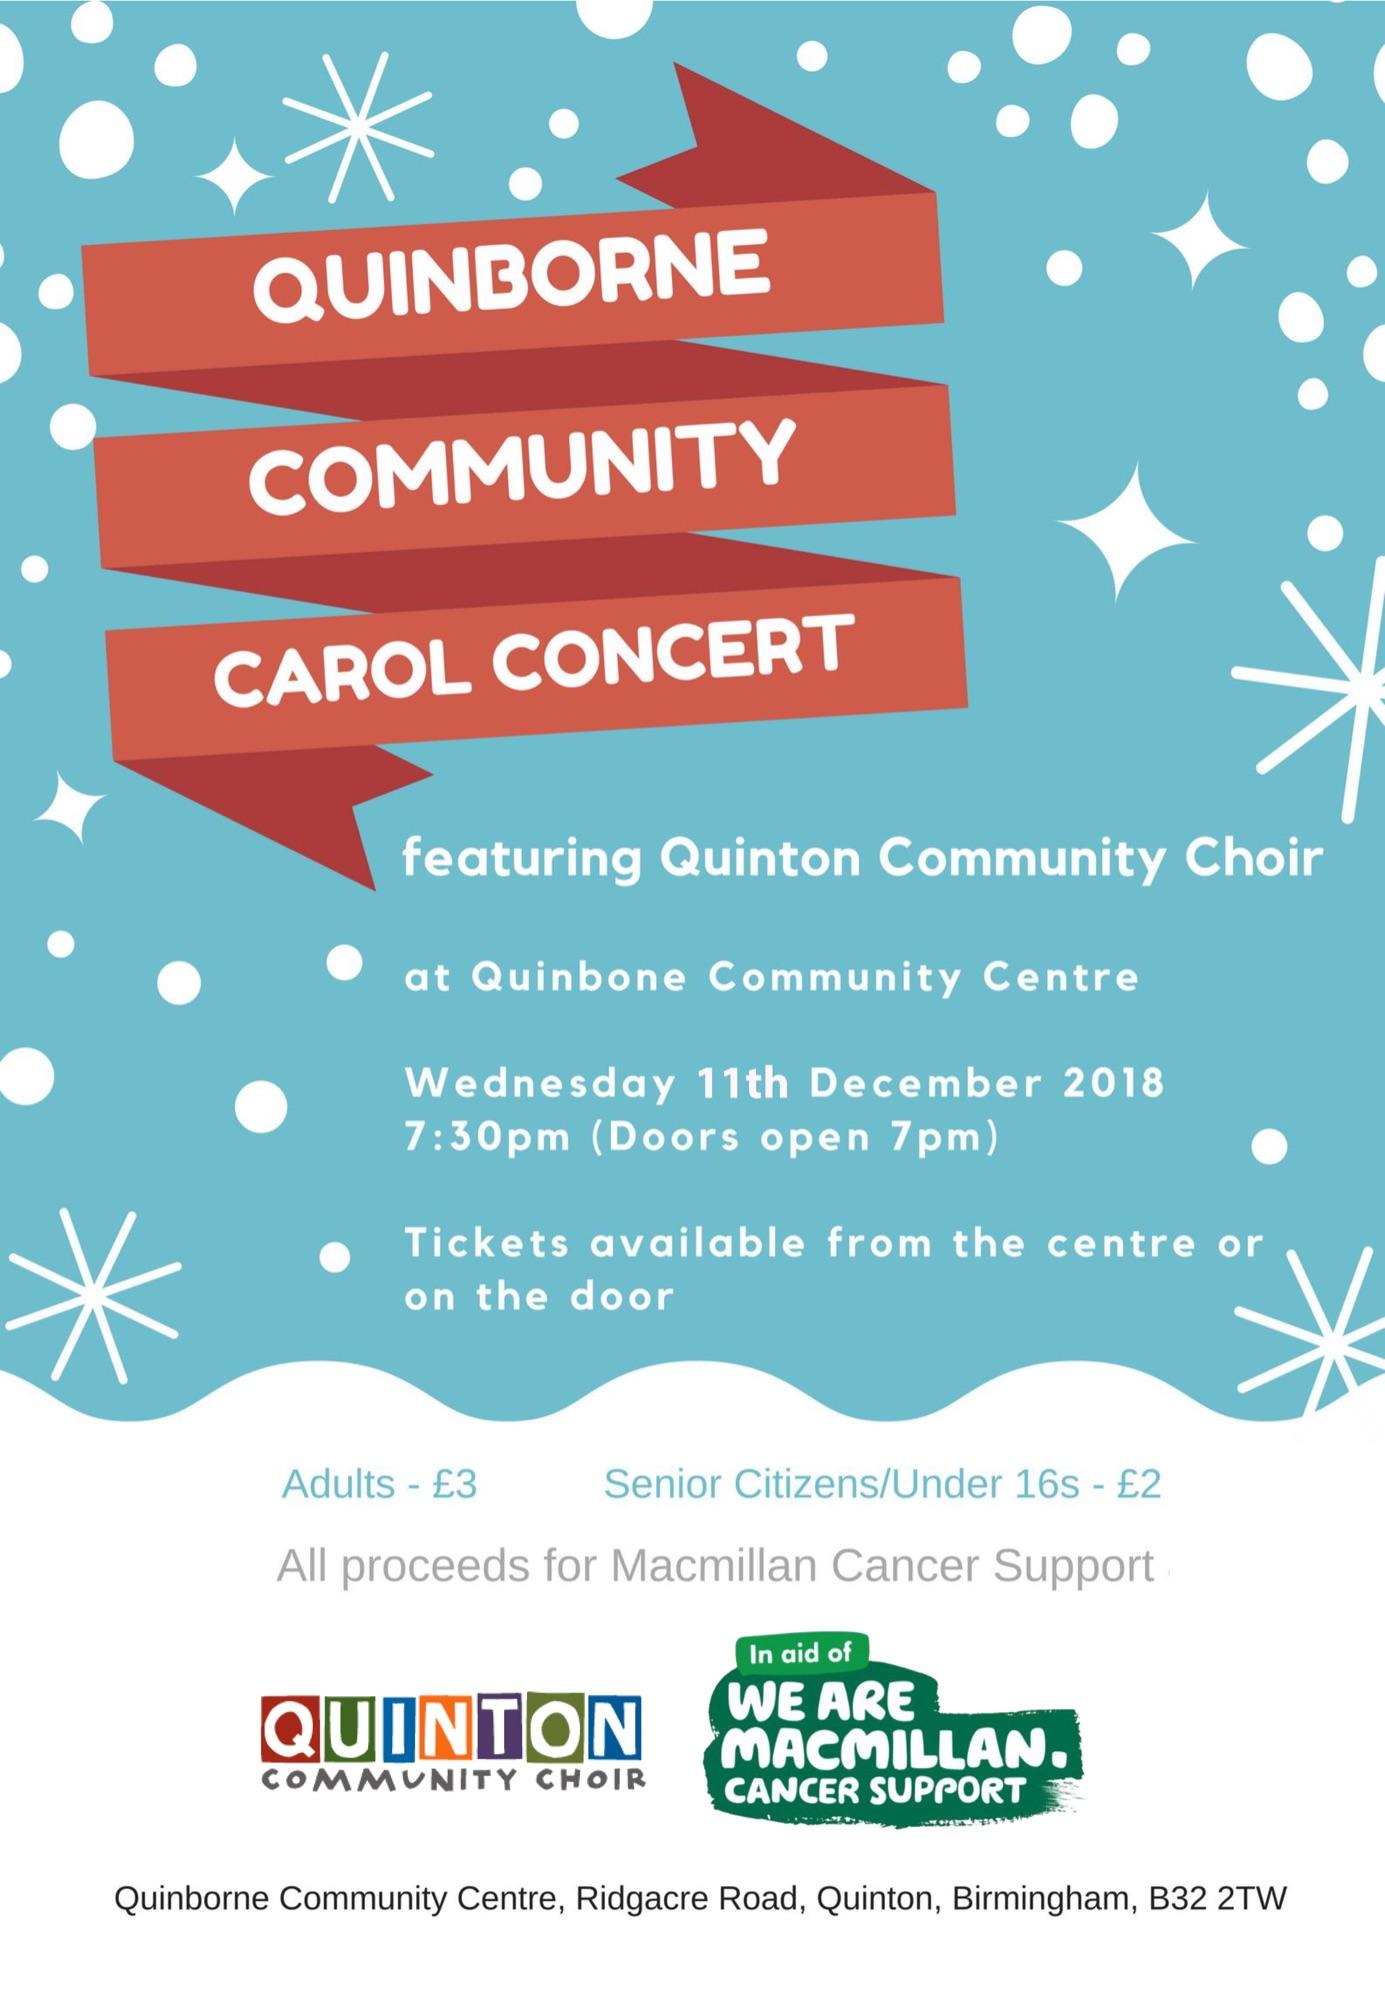 Quinborne Community Carol Concert 2018 Poster